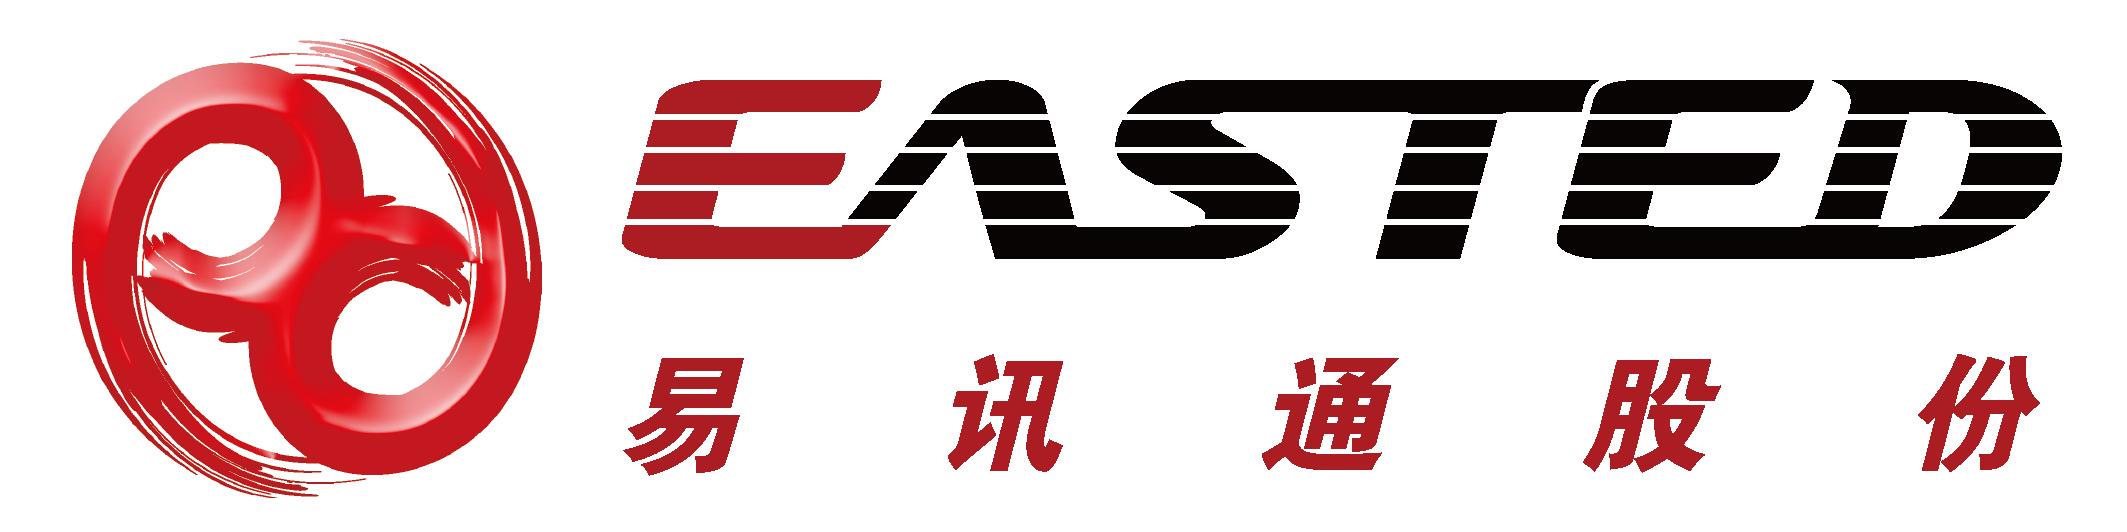 易讯通场景LOGO-06